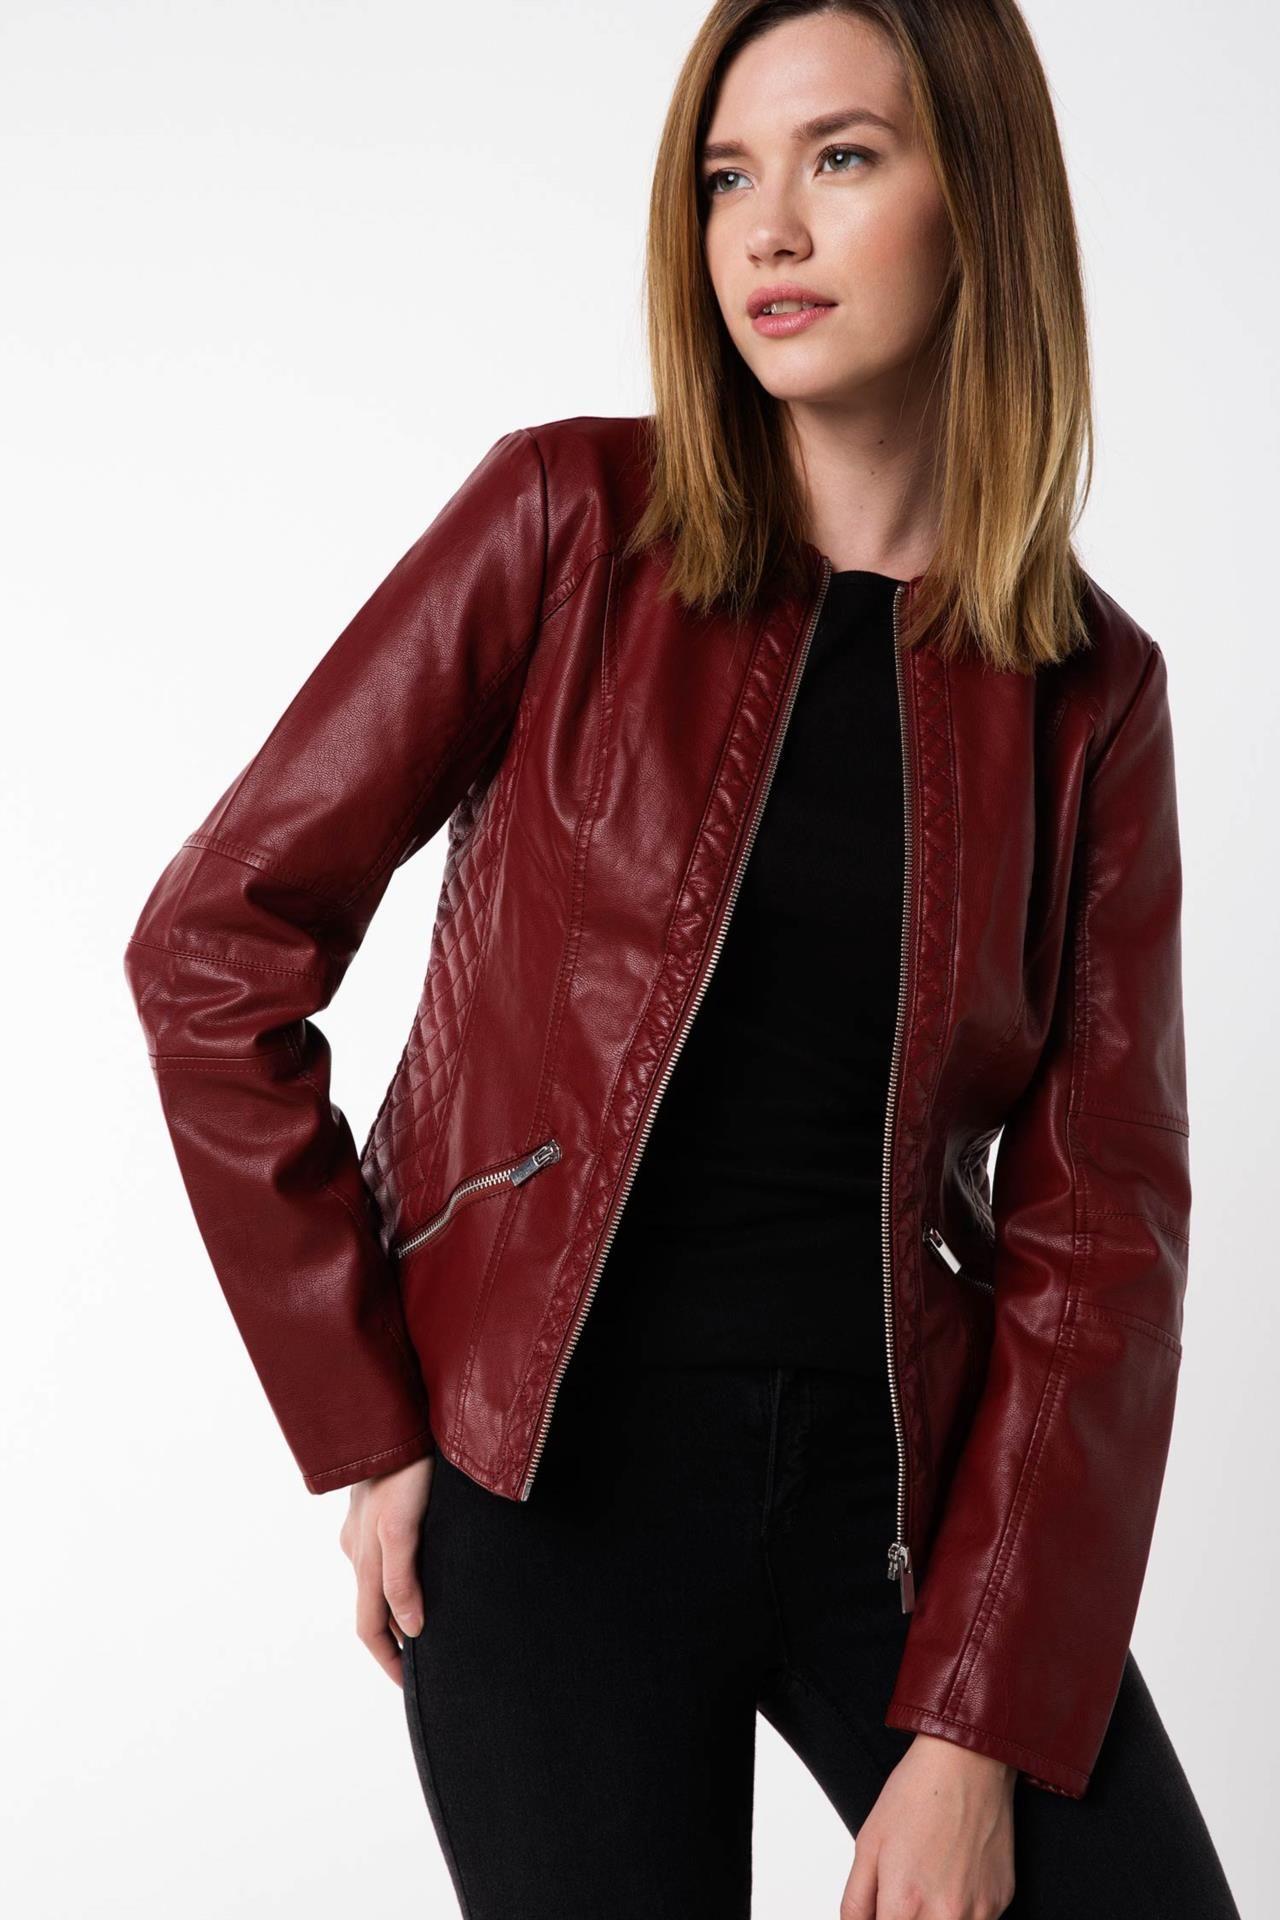 Defacto Marka Suni Deri Ceket Trend Modeli Ile Sik Bir Tasarima Sahip Rahat Kalibi Ile Uzerinizde Fit Bir Gorunum Saglayac Kadin Ceketleri Kadin Deri Ceket